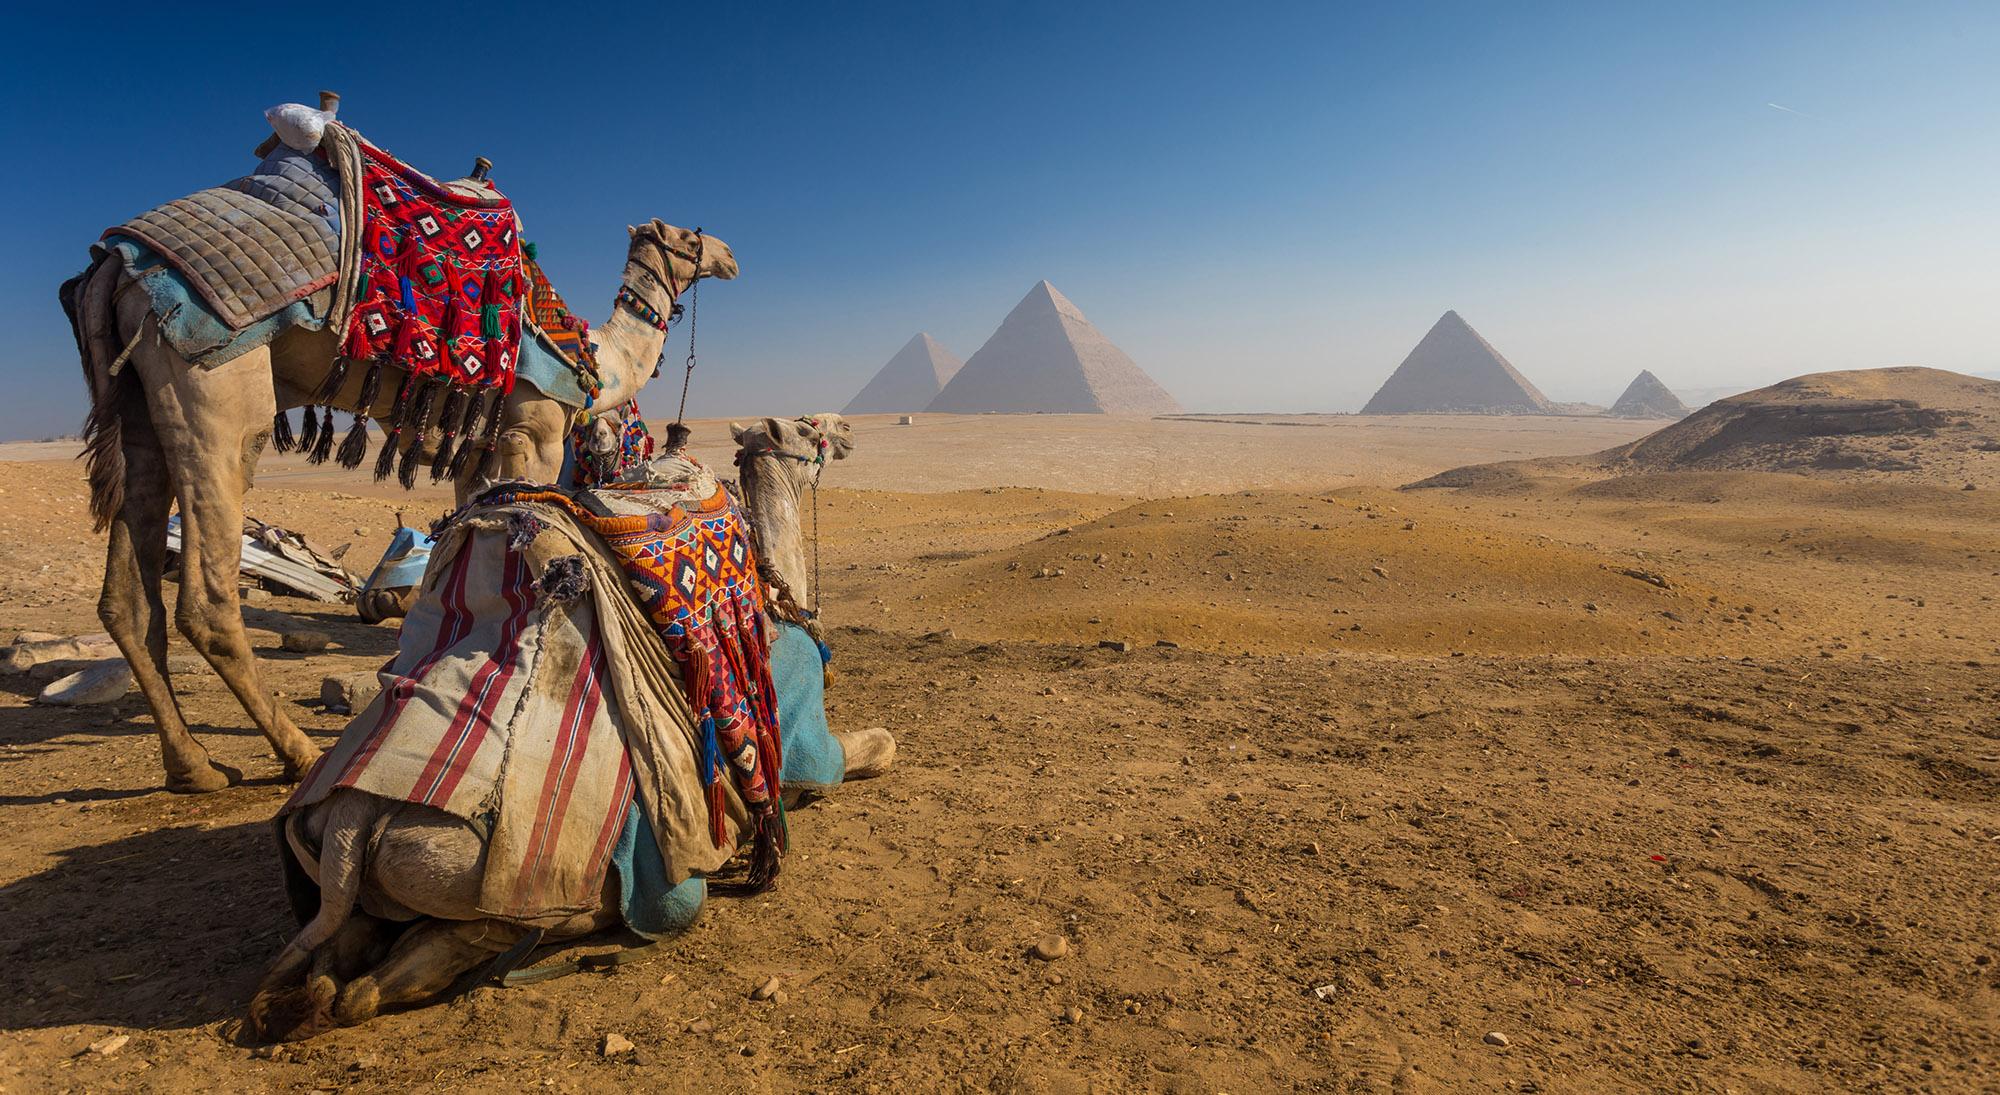 Camels at Pyramids Giza Egypt